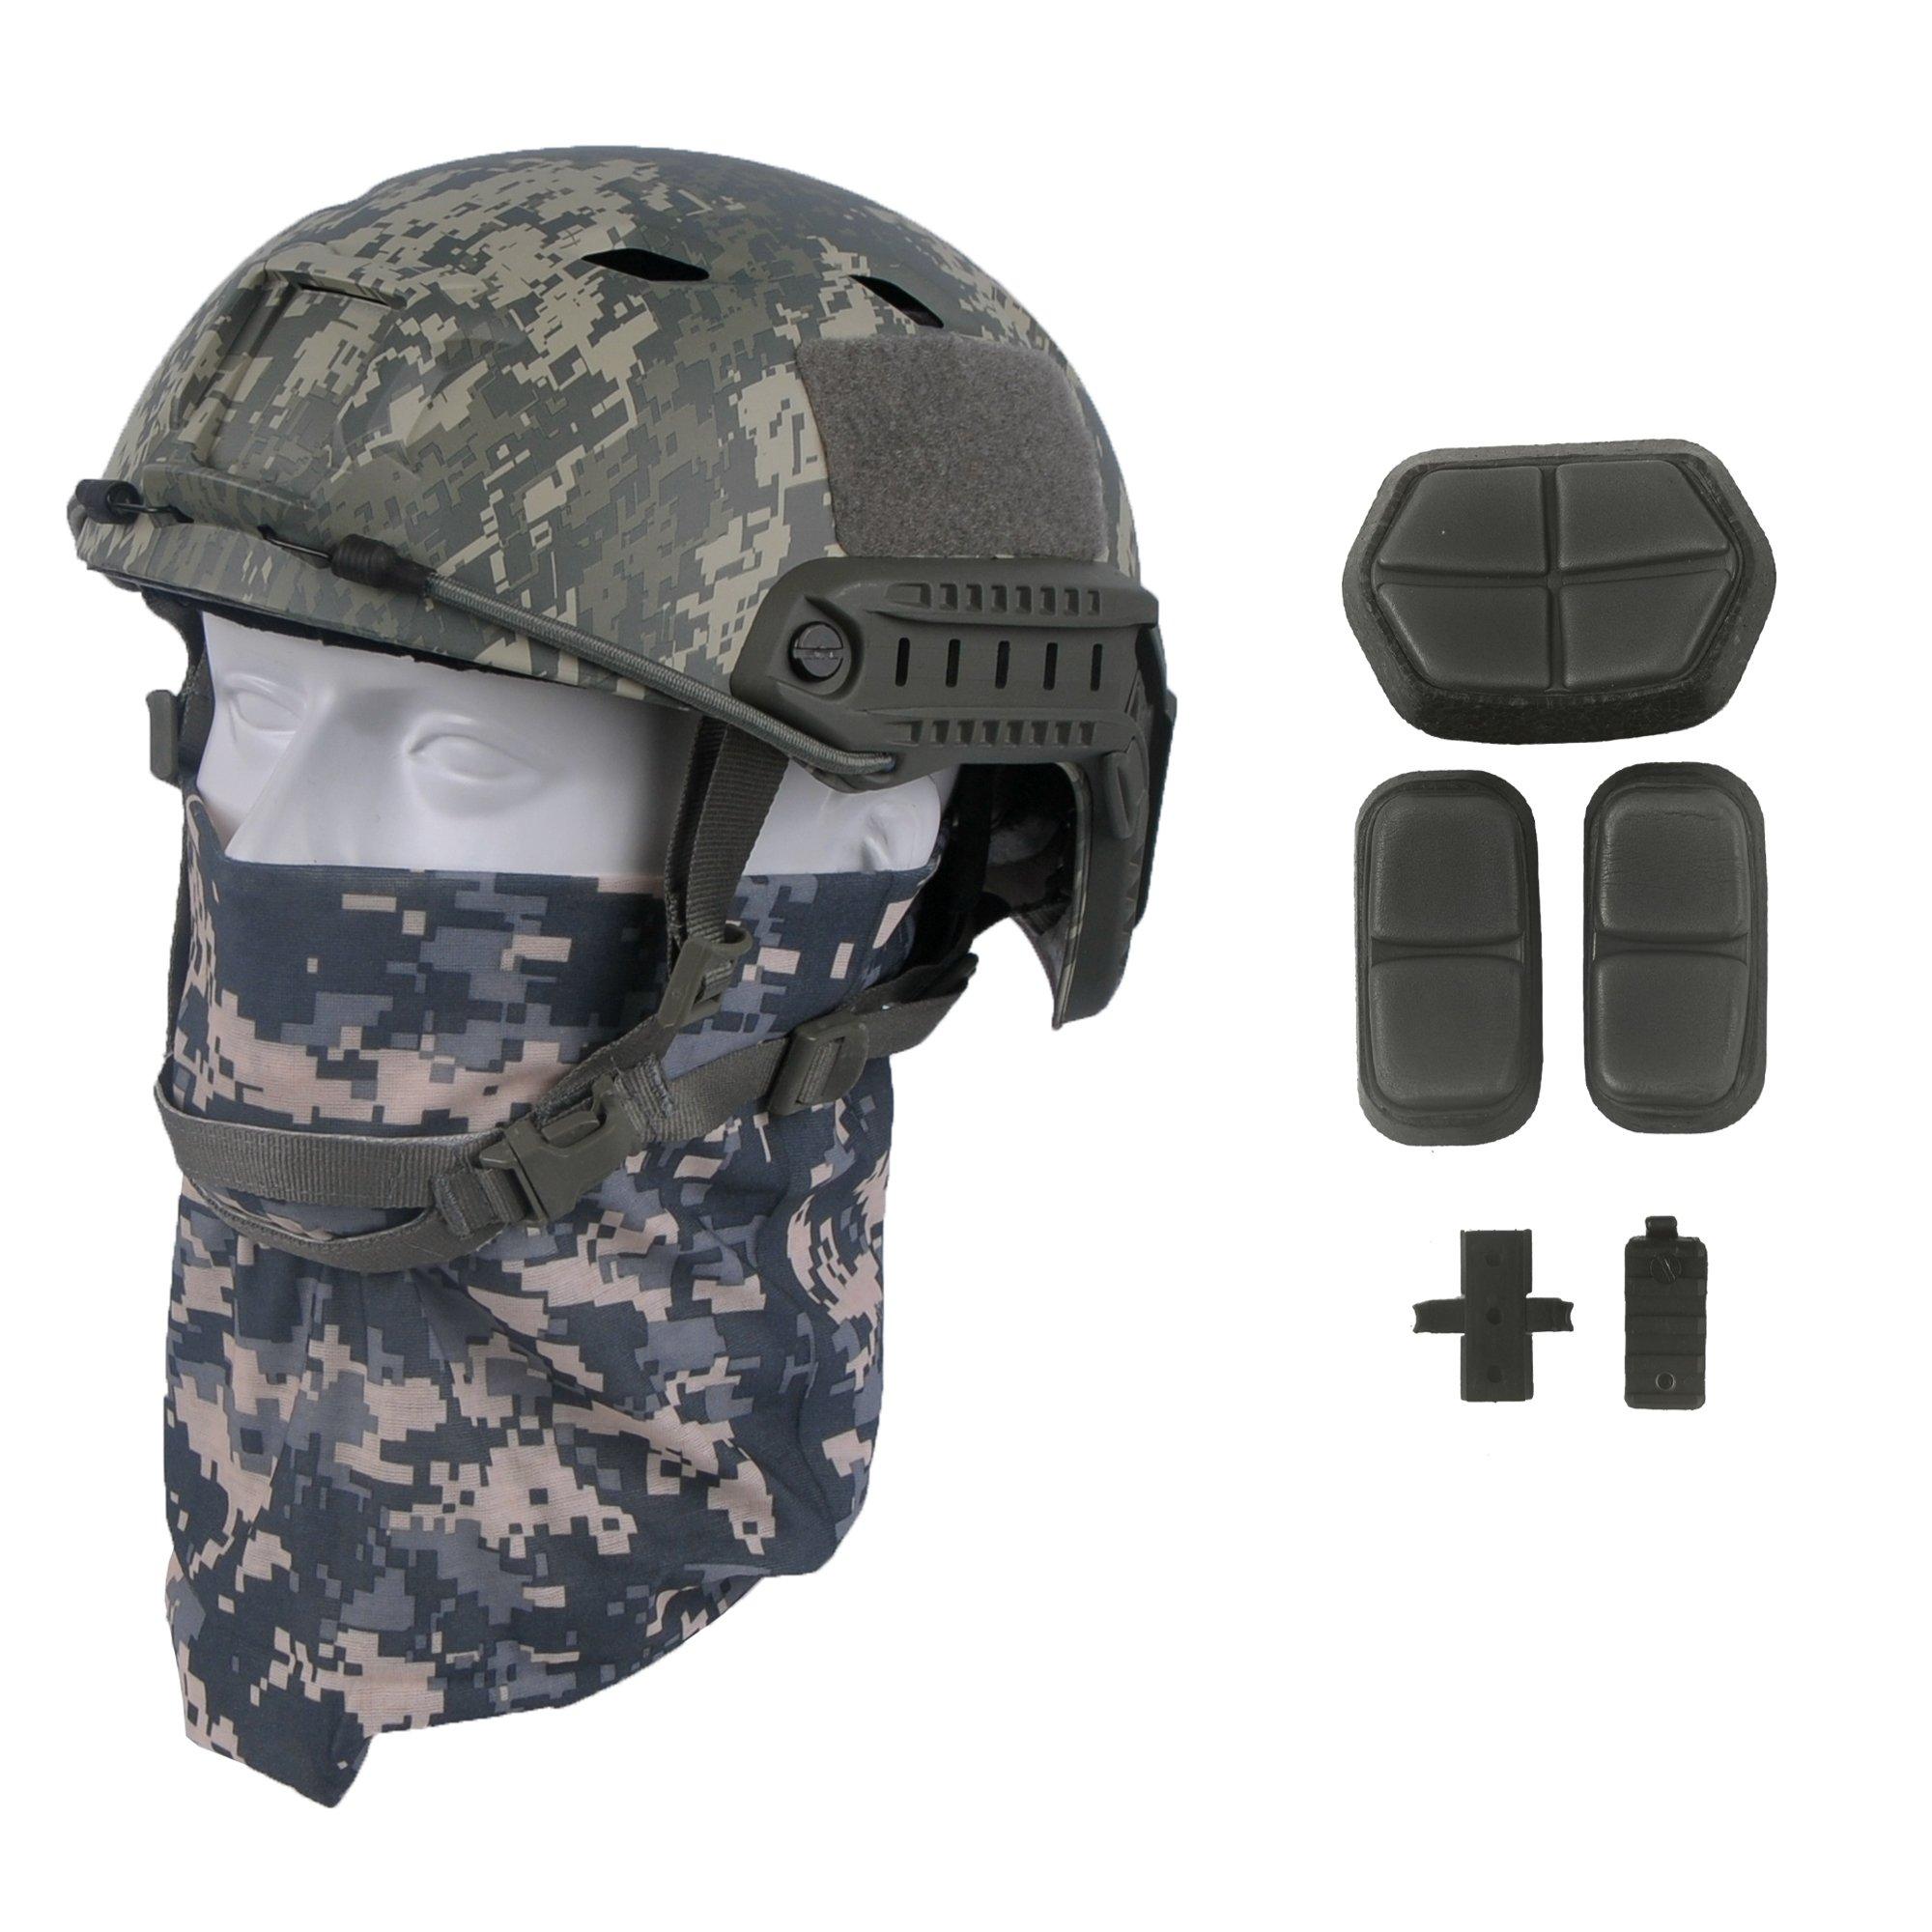 LOOGU Fast BJ Base Jump Military Helmet with 12-in-1 Headwear(ACU) by LOOGU